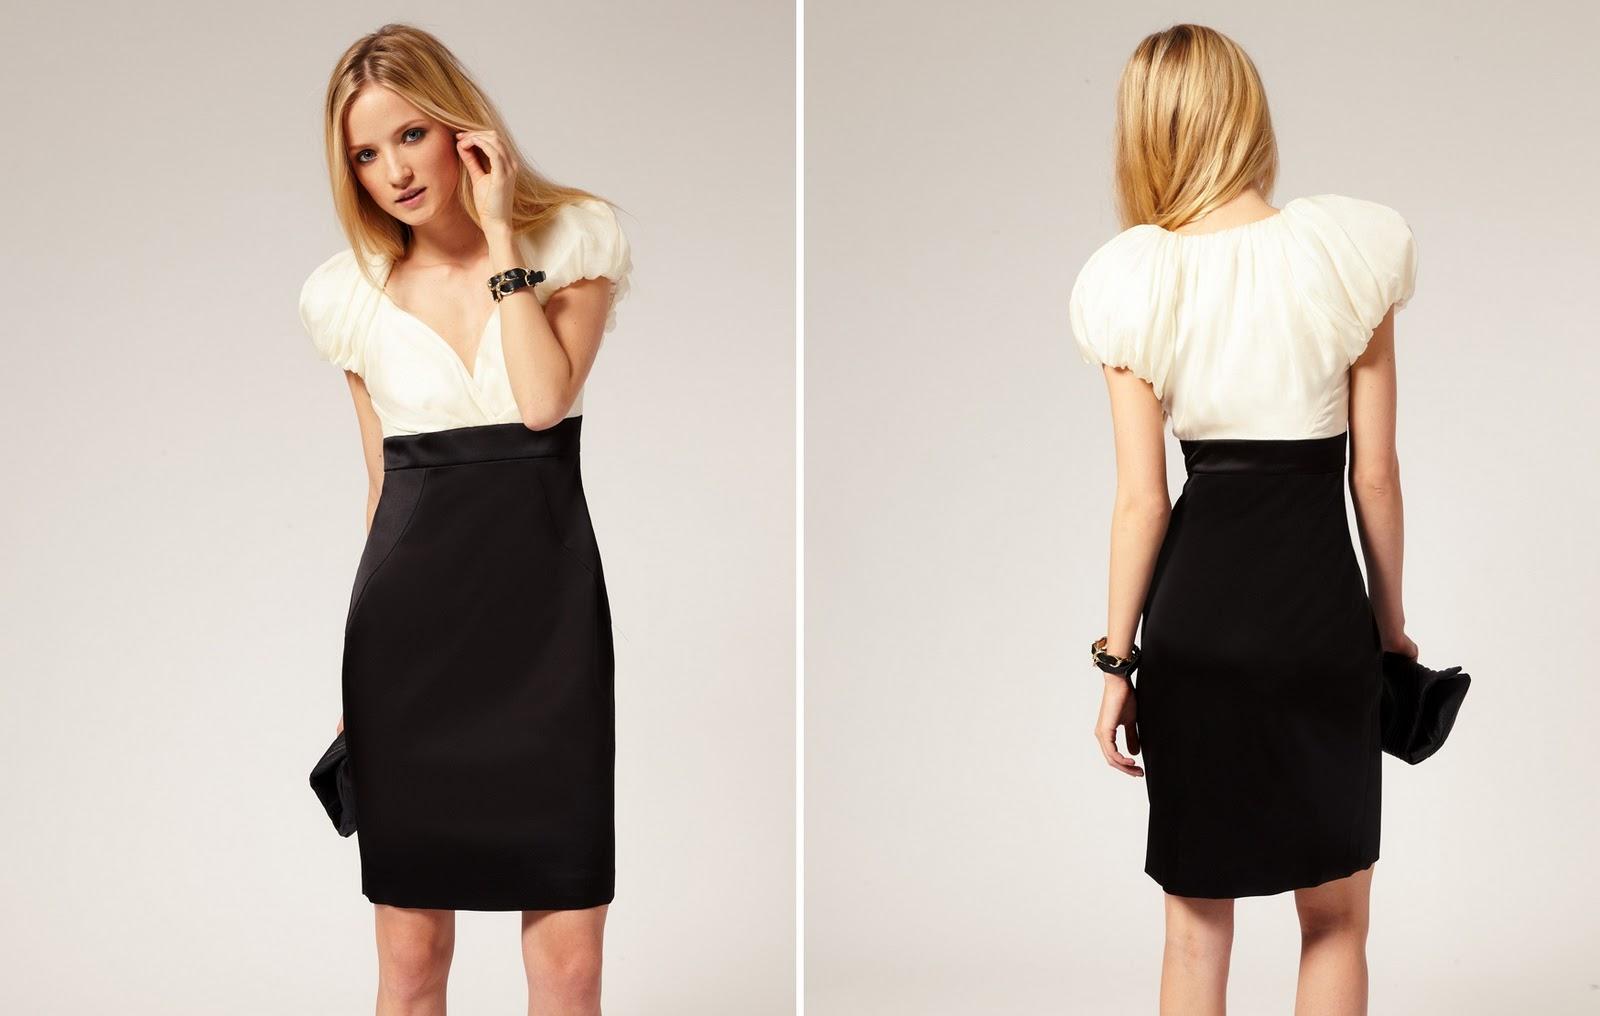 Modelos de vestidos para gordinhas em preto e branco